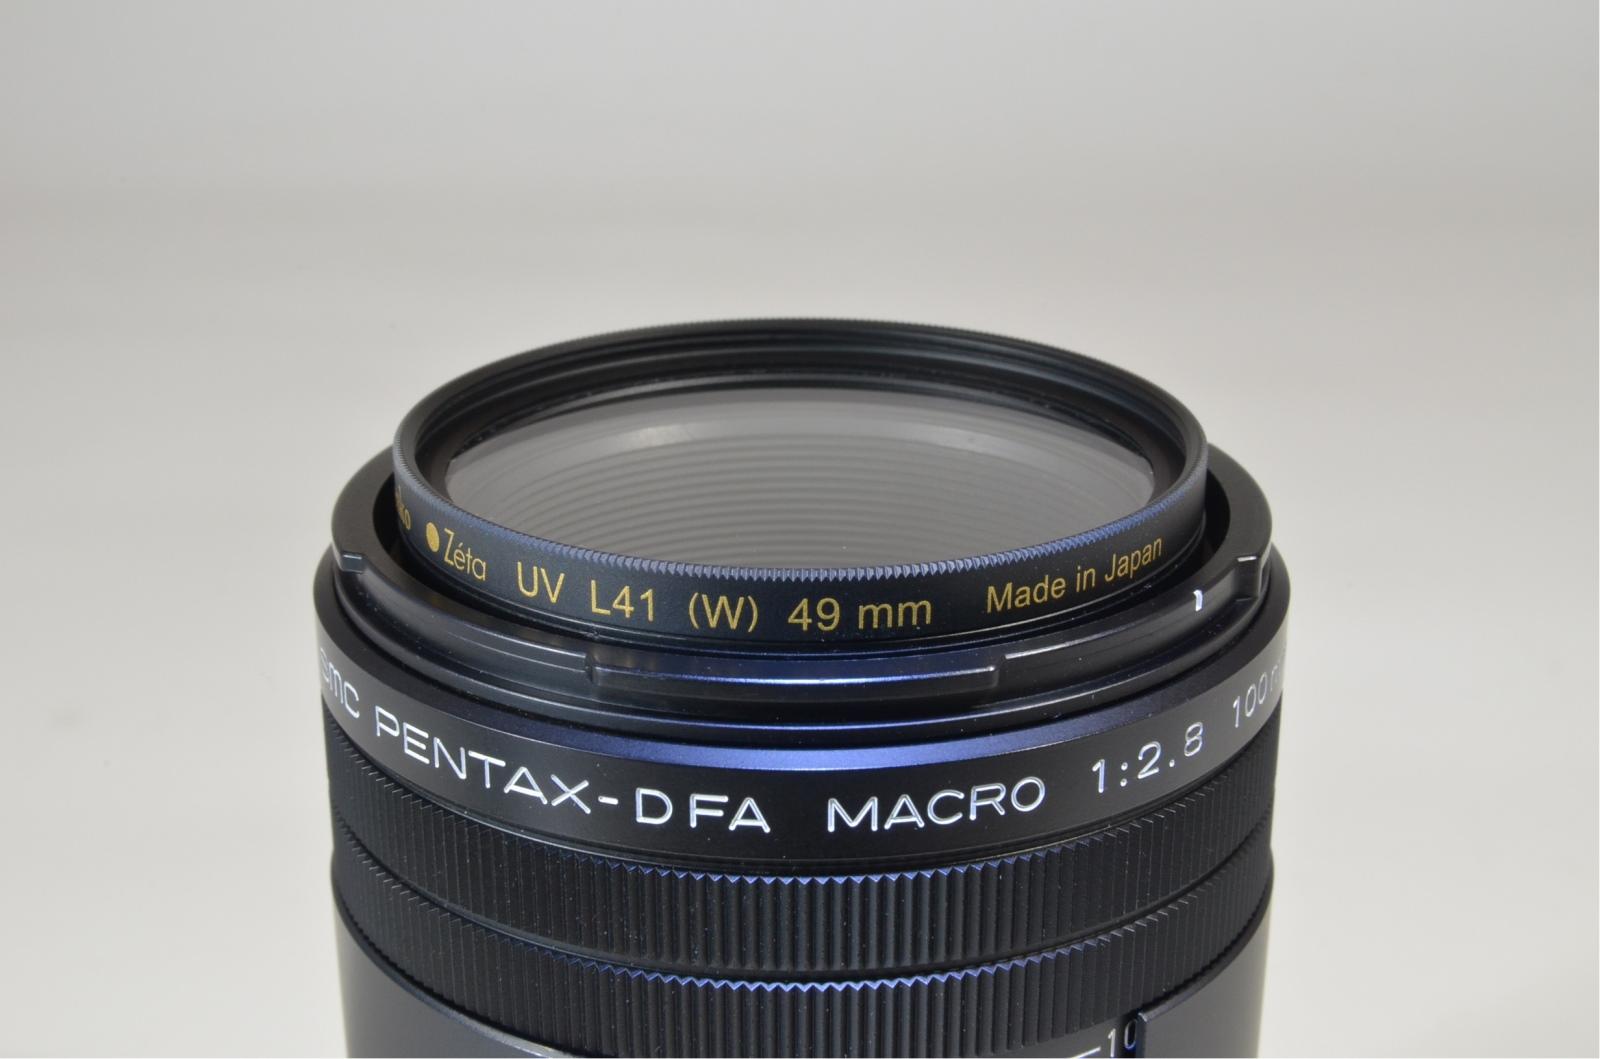 pentax d fa macro 100mm f/2.8 wr